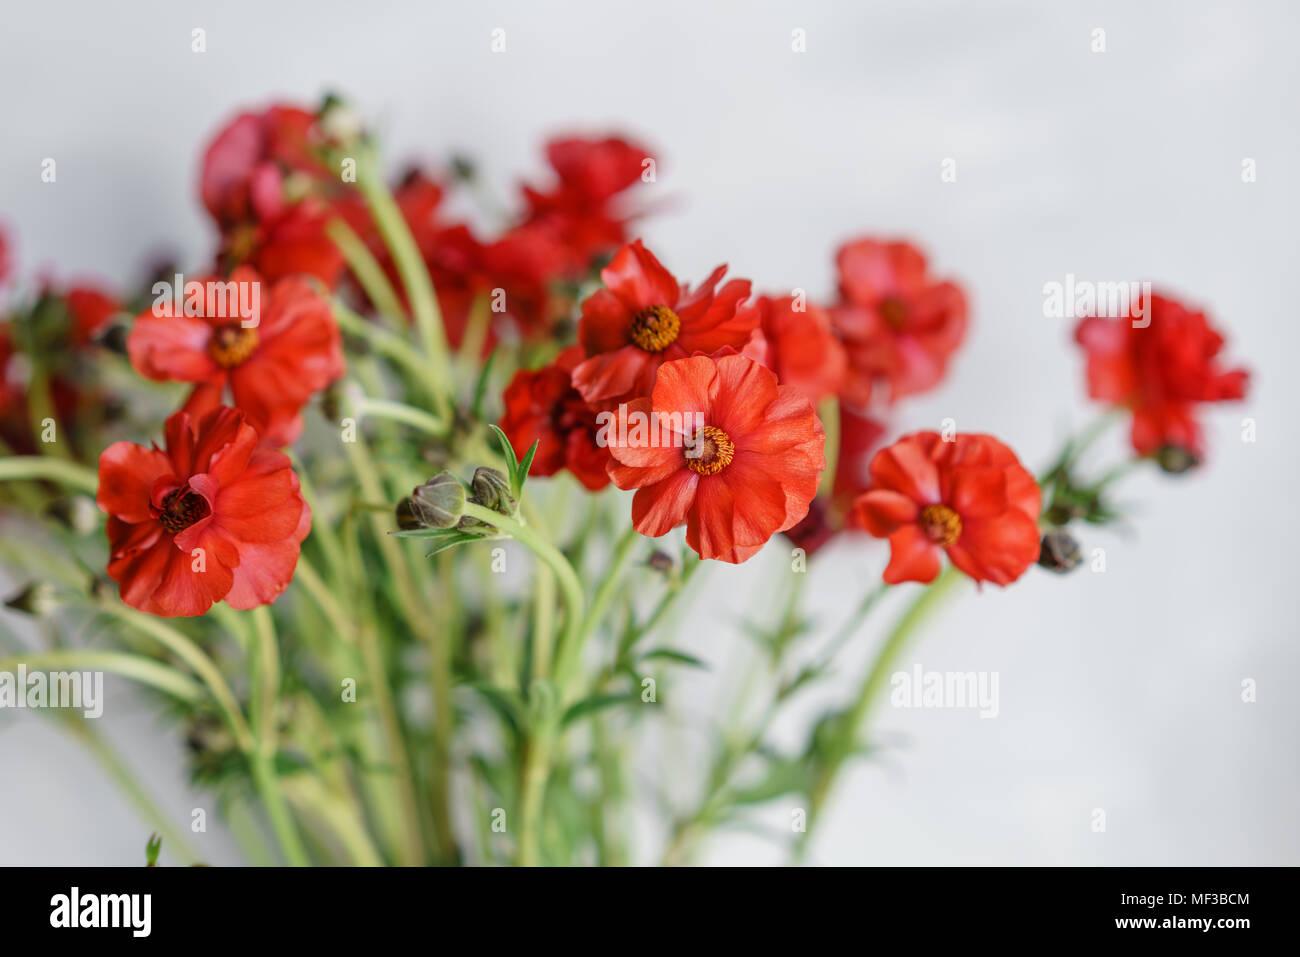 Tipi Di Fiori Rossi.Bella Renoncules Bush Fiori In Un Vaso Su Una Tavola Bouquet Di